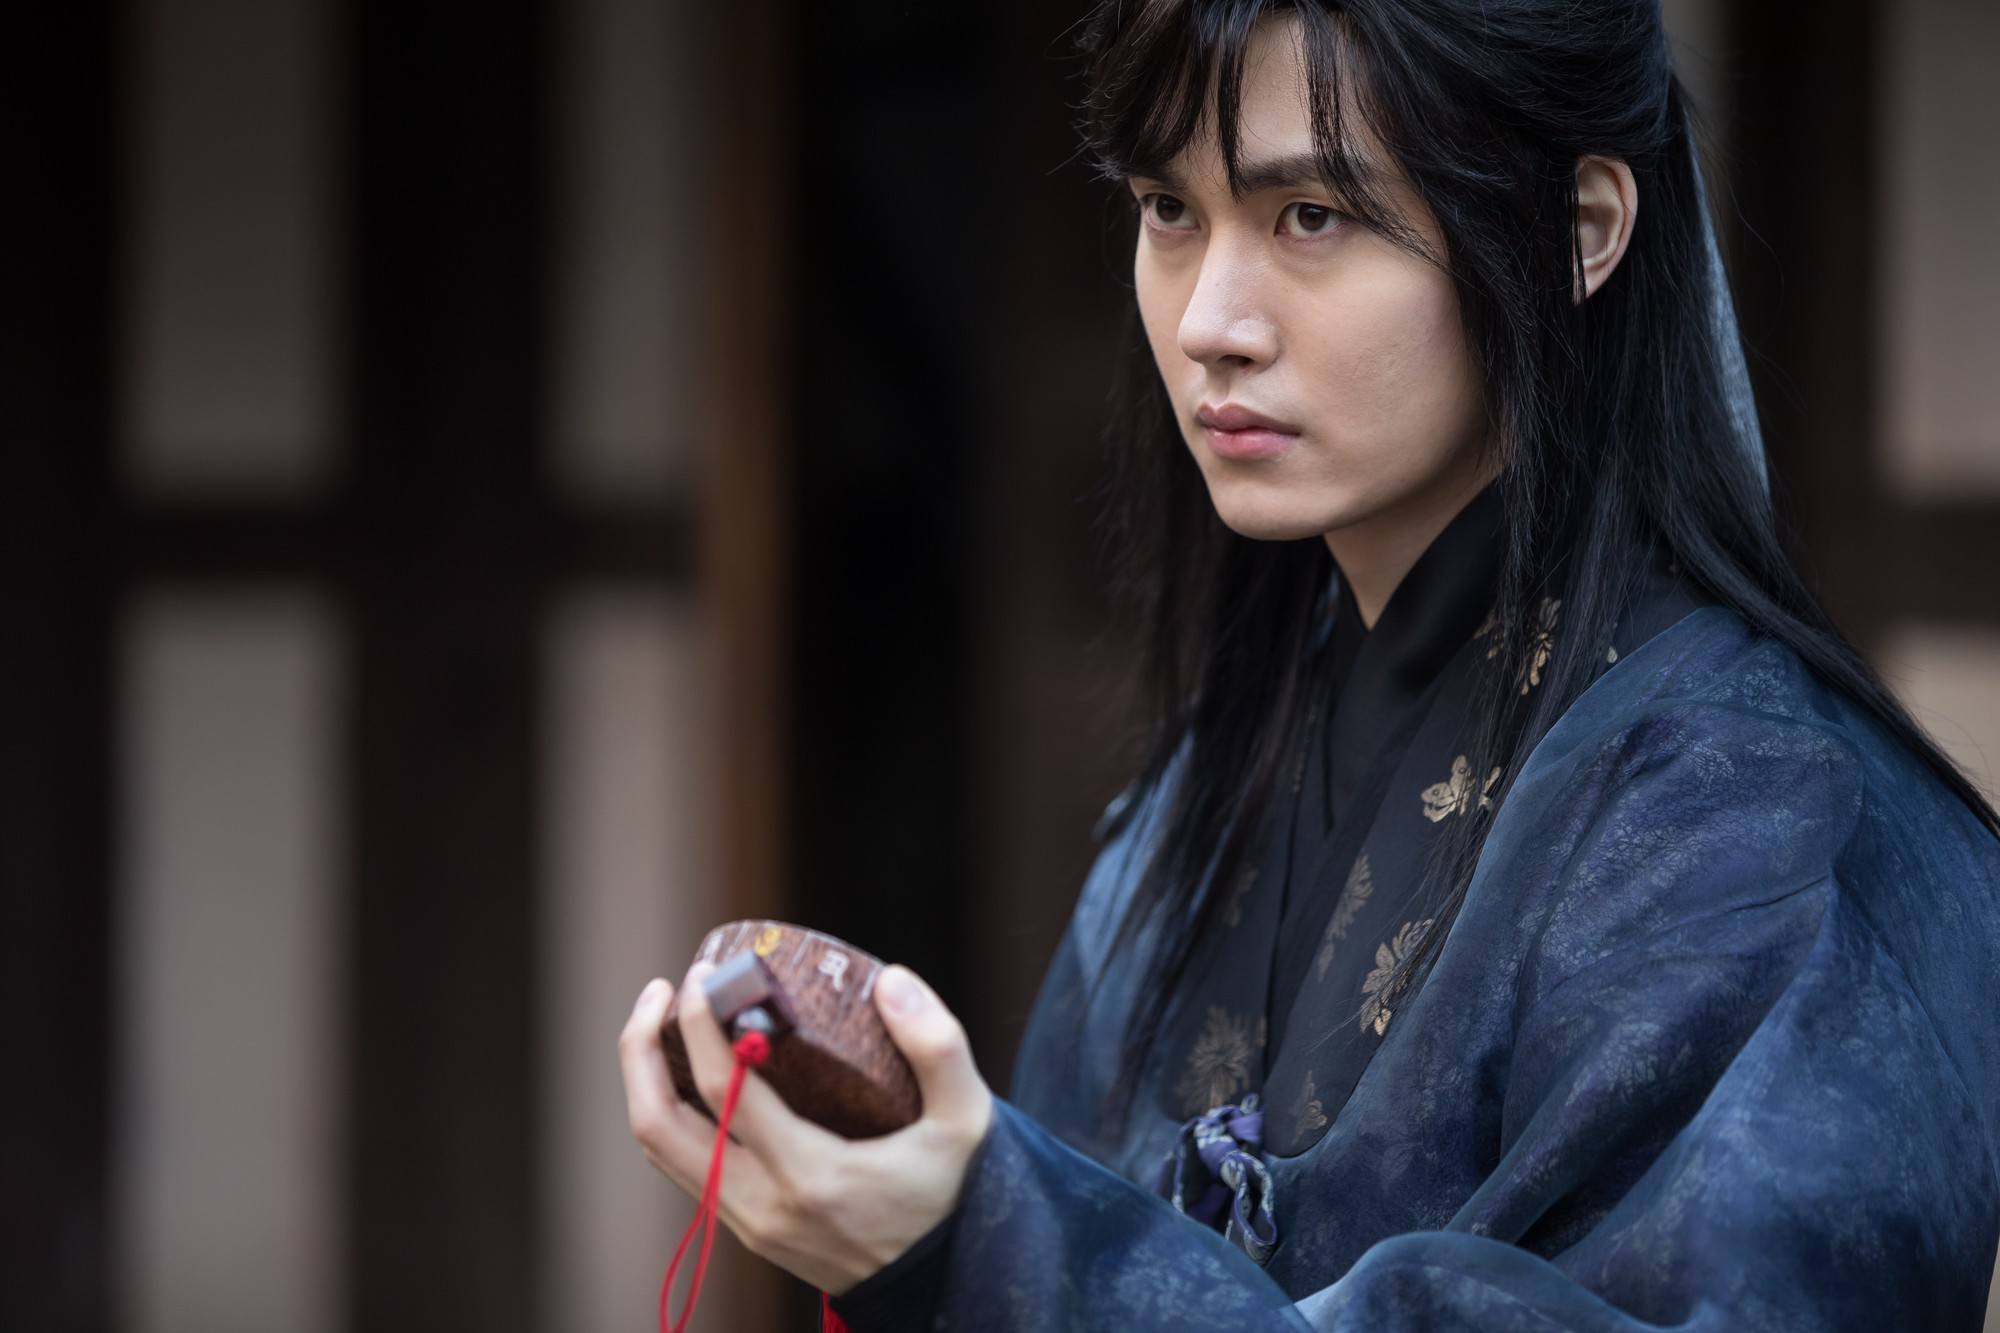 Hay tin Son Na Eun (Apink) đi đóng phim kinh dị, netizen Hàn ngán ngẩm hỏi: Không còn ai khác nữa sao? - Ảnh 7.